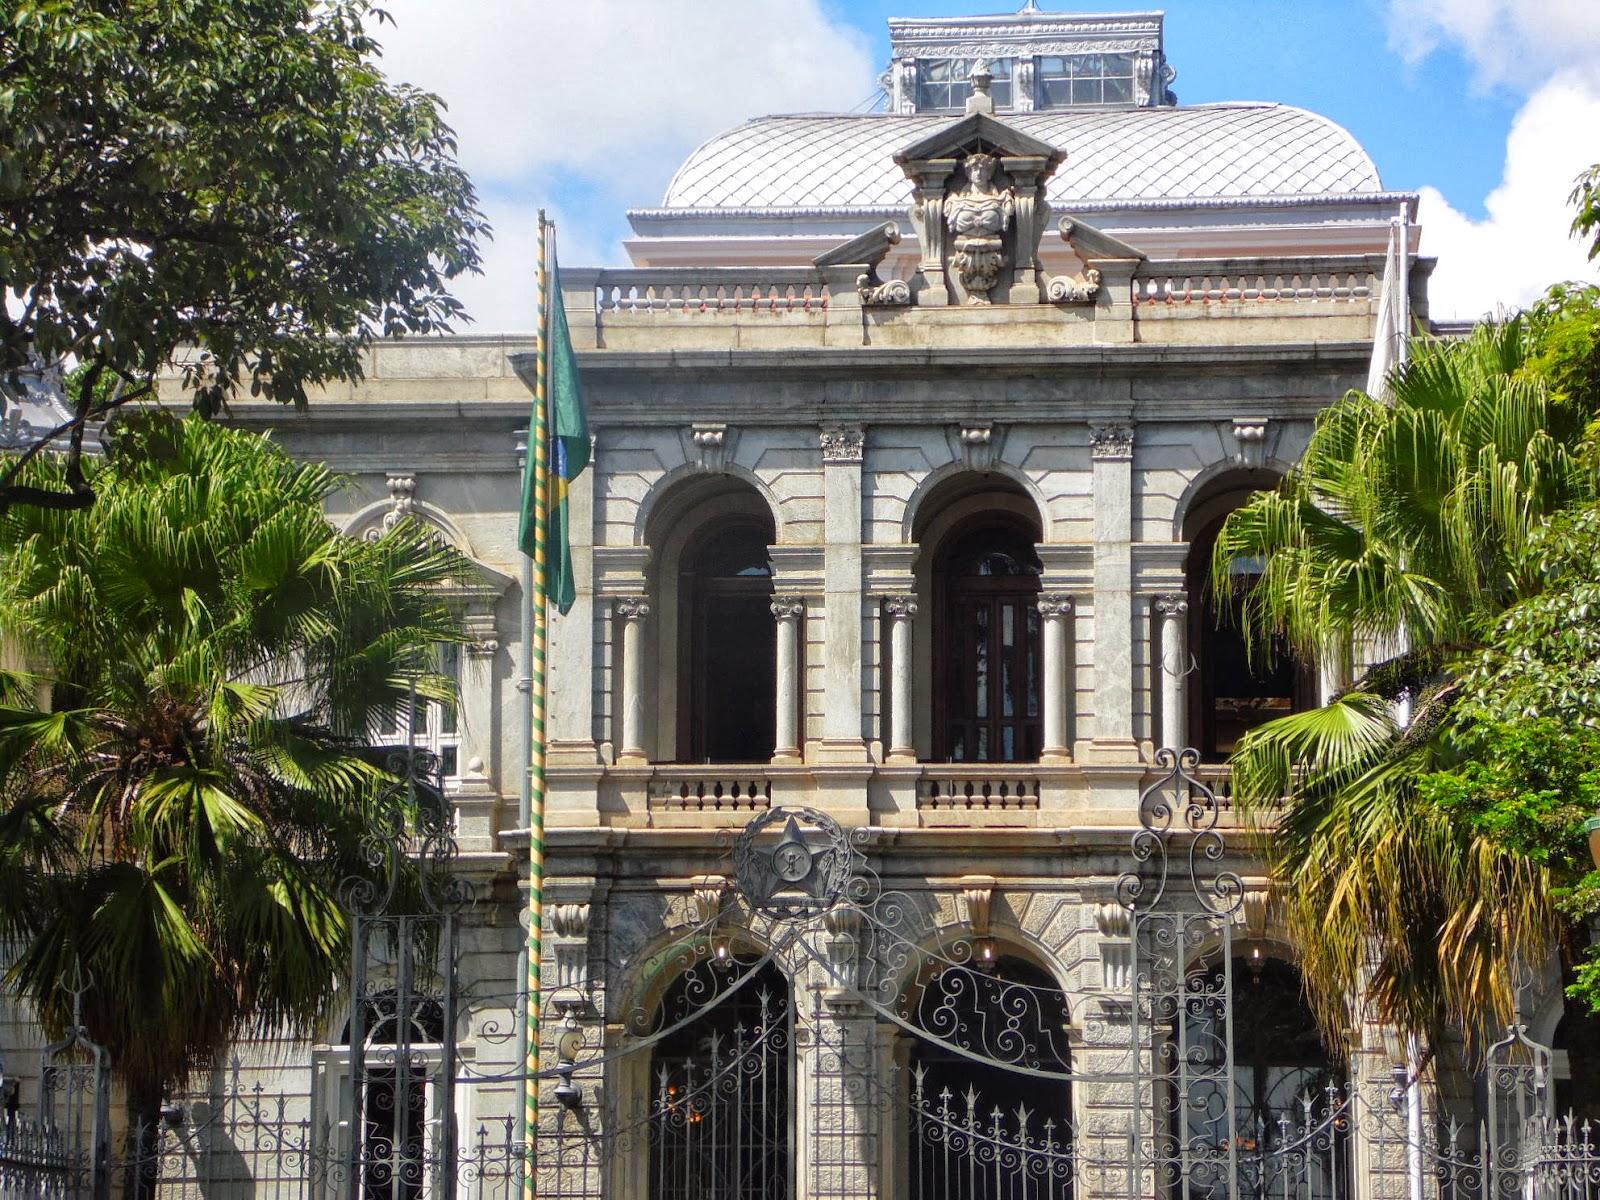 Arquitetura neoclássica: Palácio de Liberdade